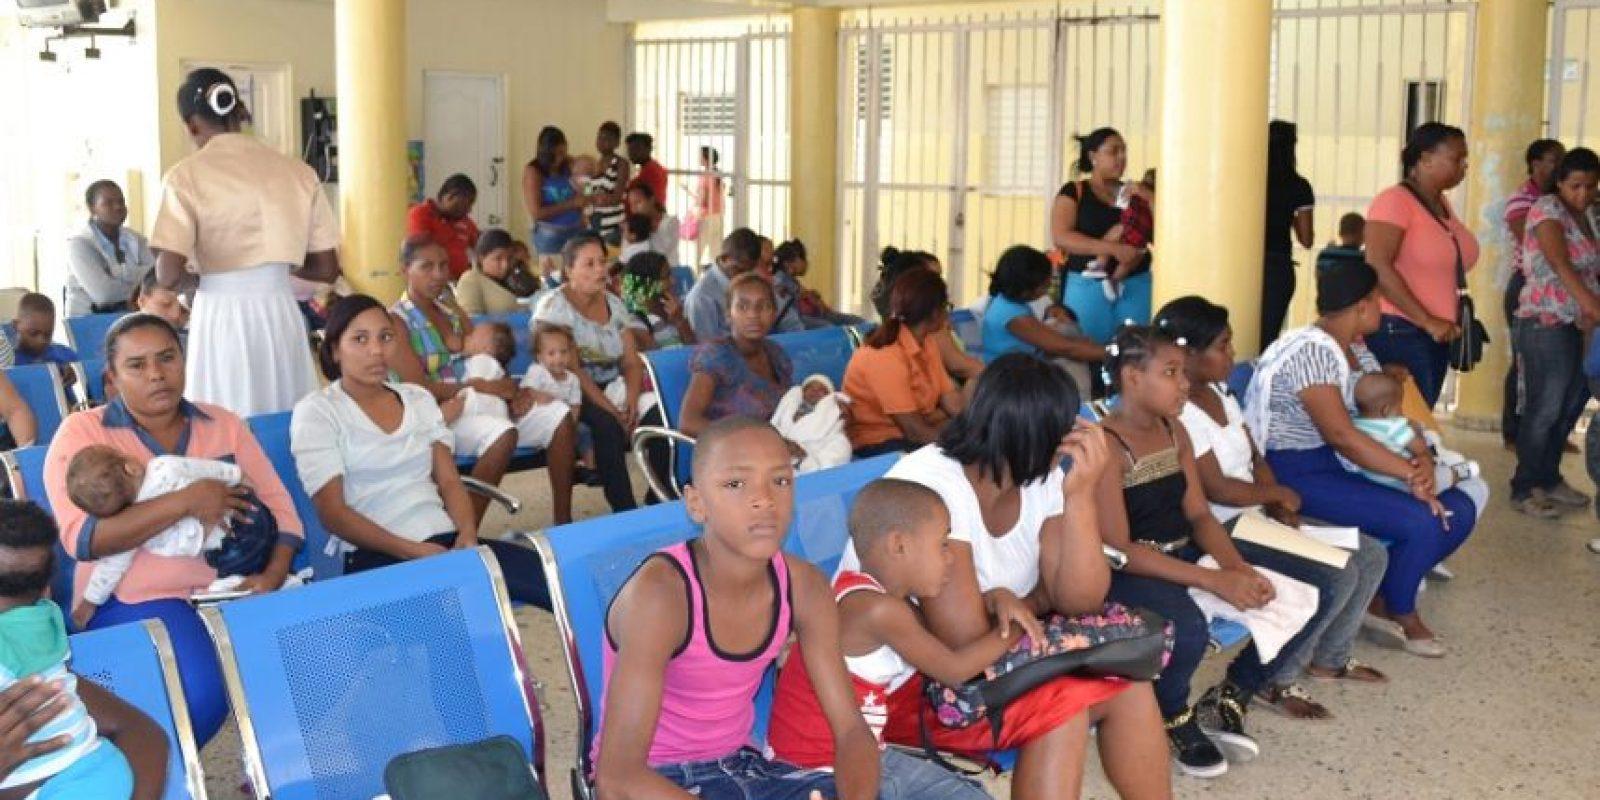 La madres acuden con sus niños en estado febril al hospital Robert Reid Cabral. Foto:Mario de Peña